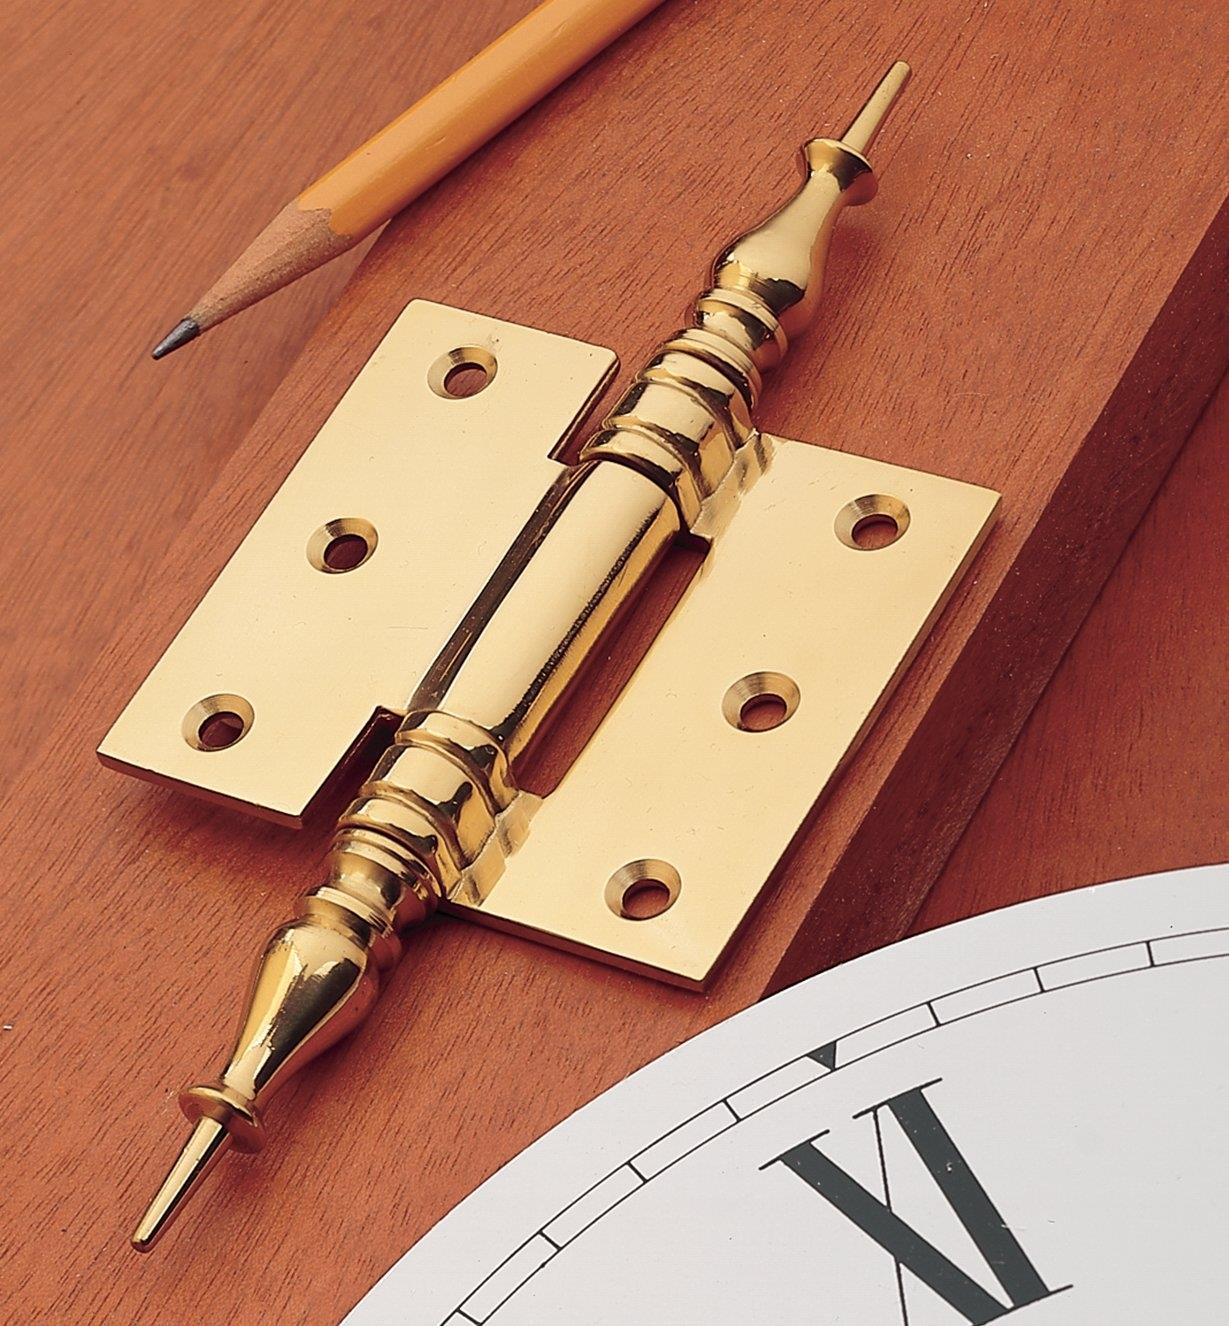 00H6501 - Charnière pour porte de cabinet d'horloge en laiton forgé, 2 1/4 po x 1 po, l'unité